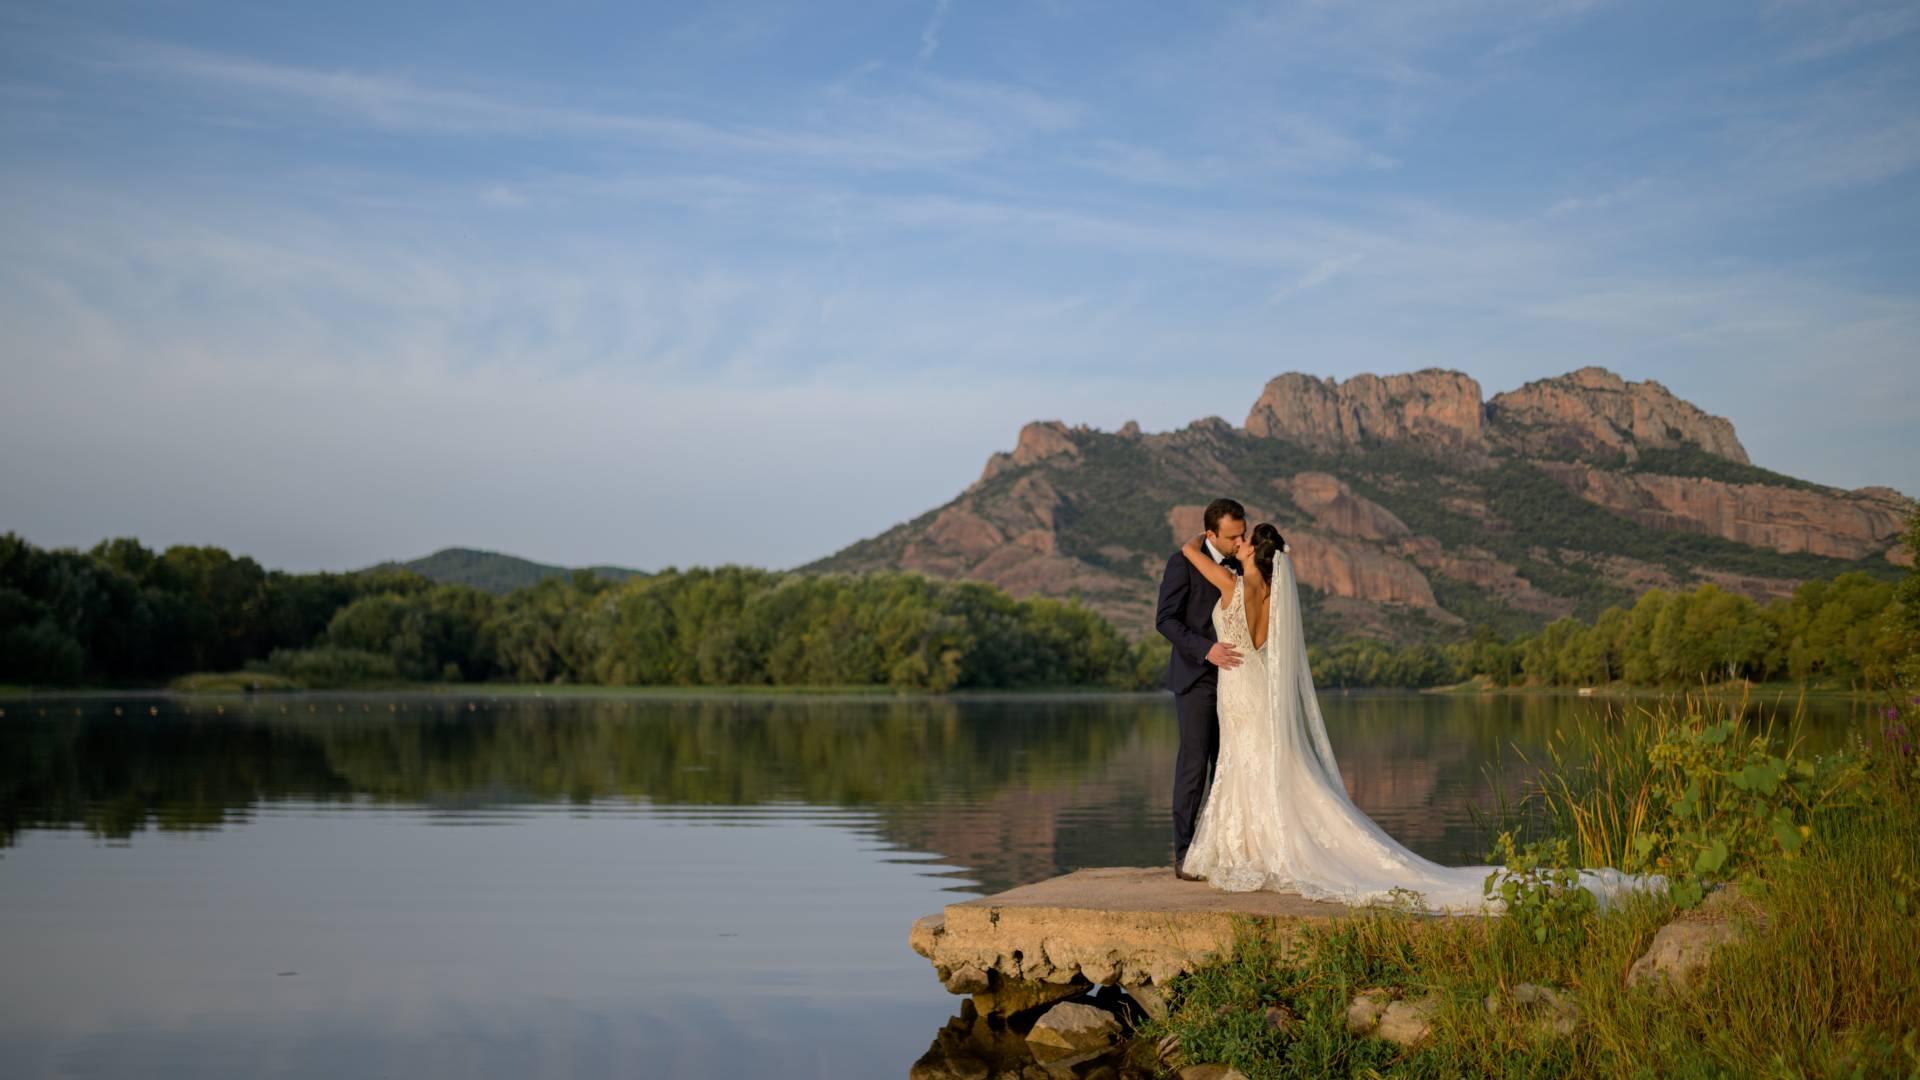 2 mariées s'embrassent devant le rocher de Roquebrune-sur-Argens, photo prise par Florence Martin photographe professionnelle dans le Var et les Alpes Maritimes